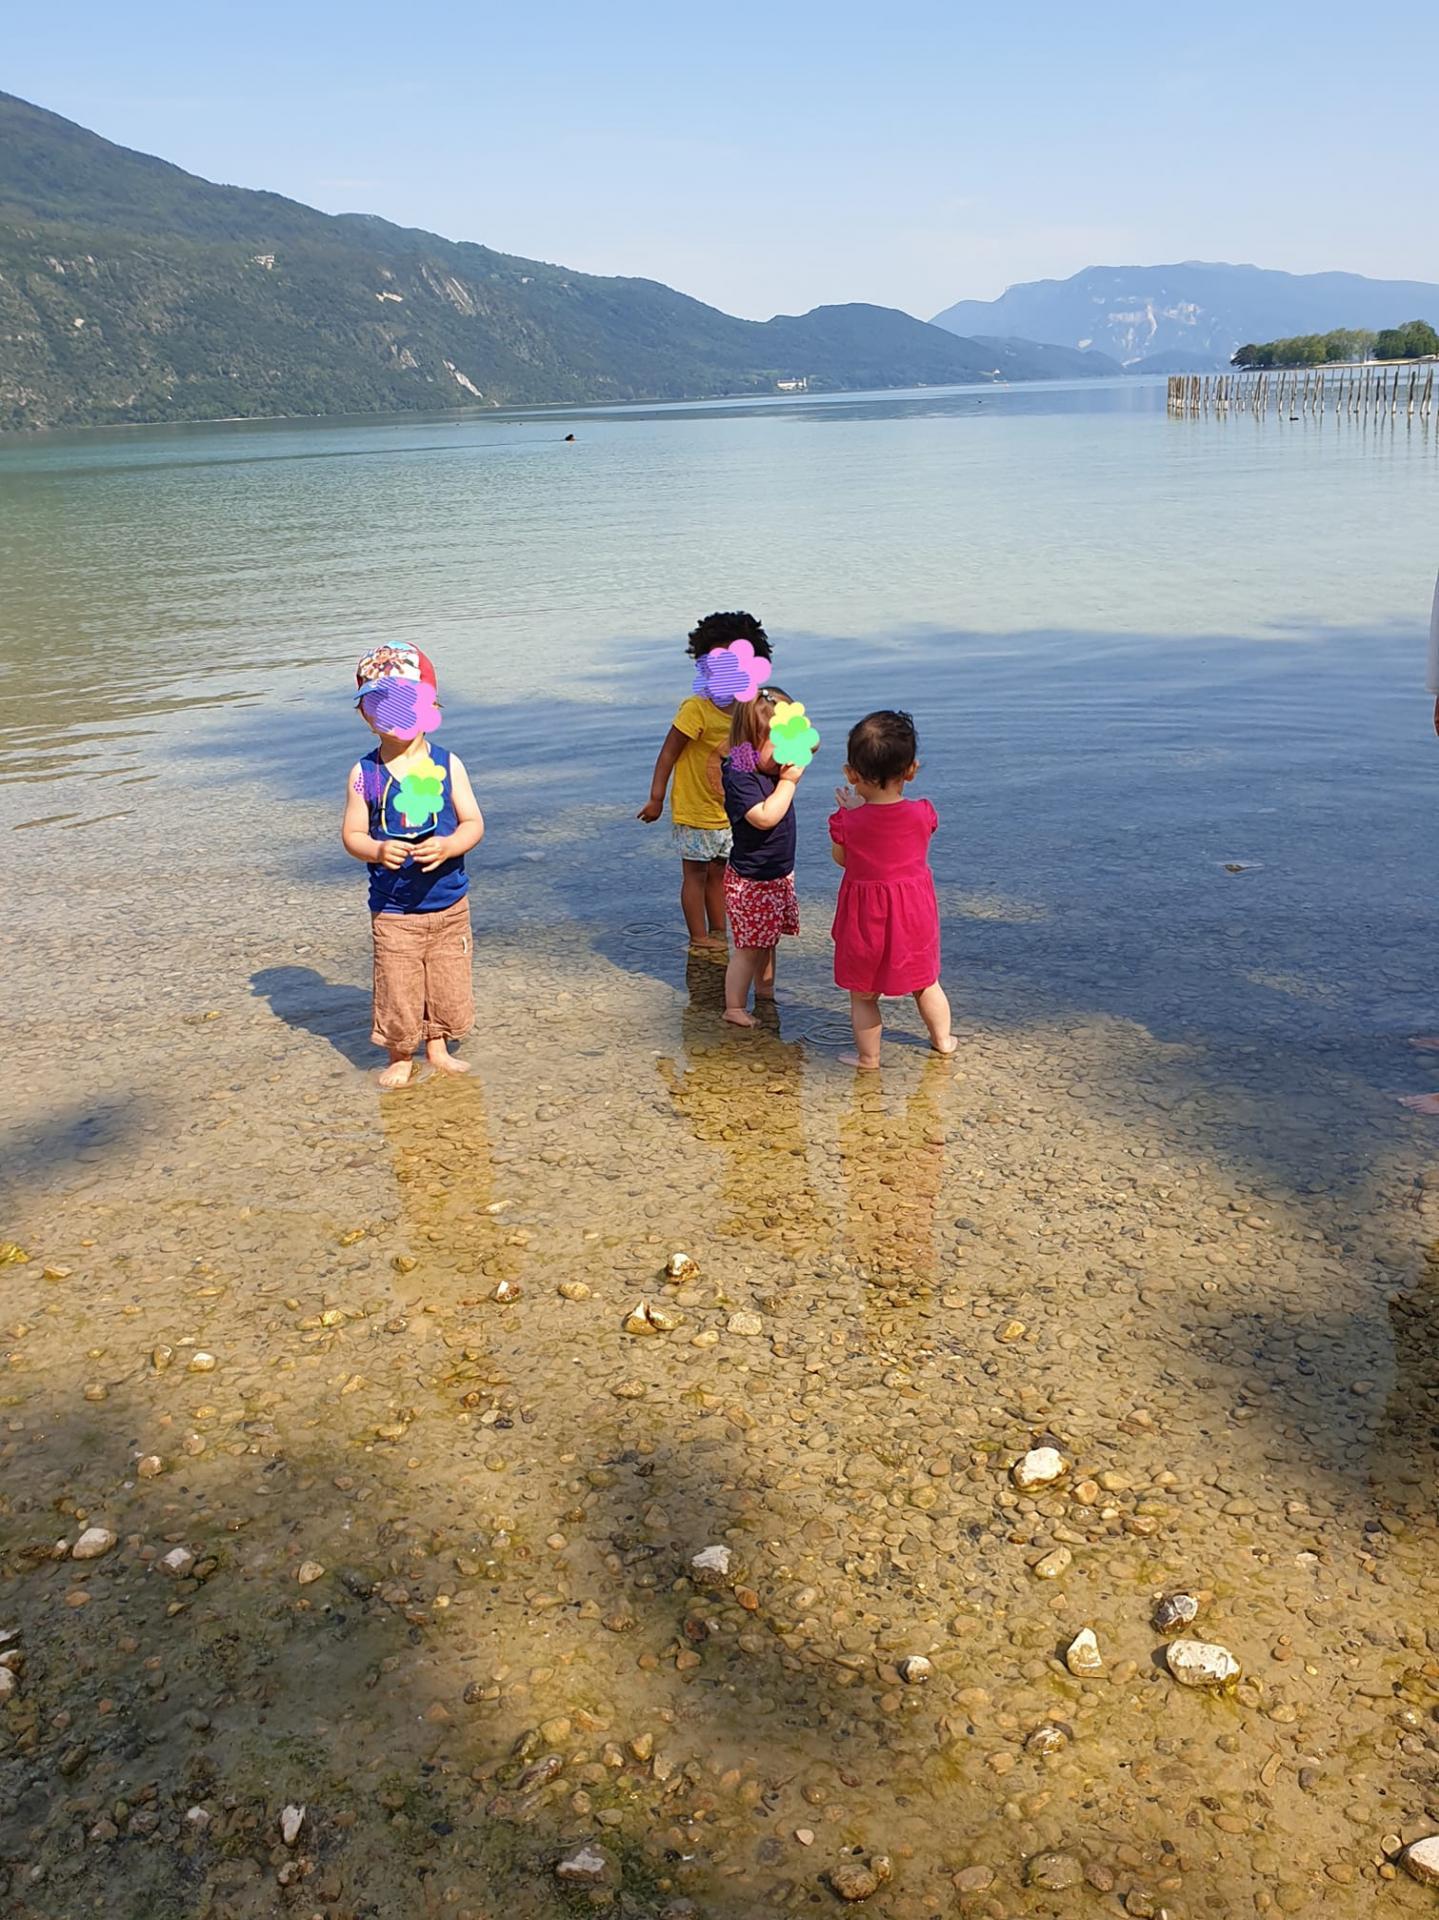 sortie au lac pour les enfants